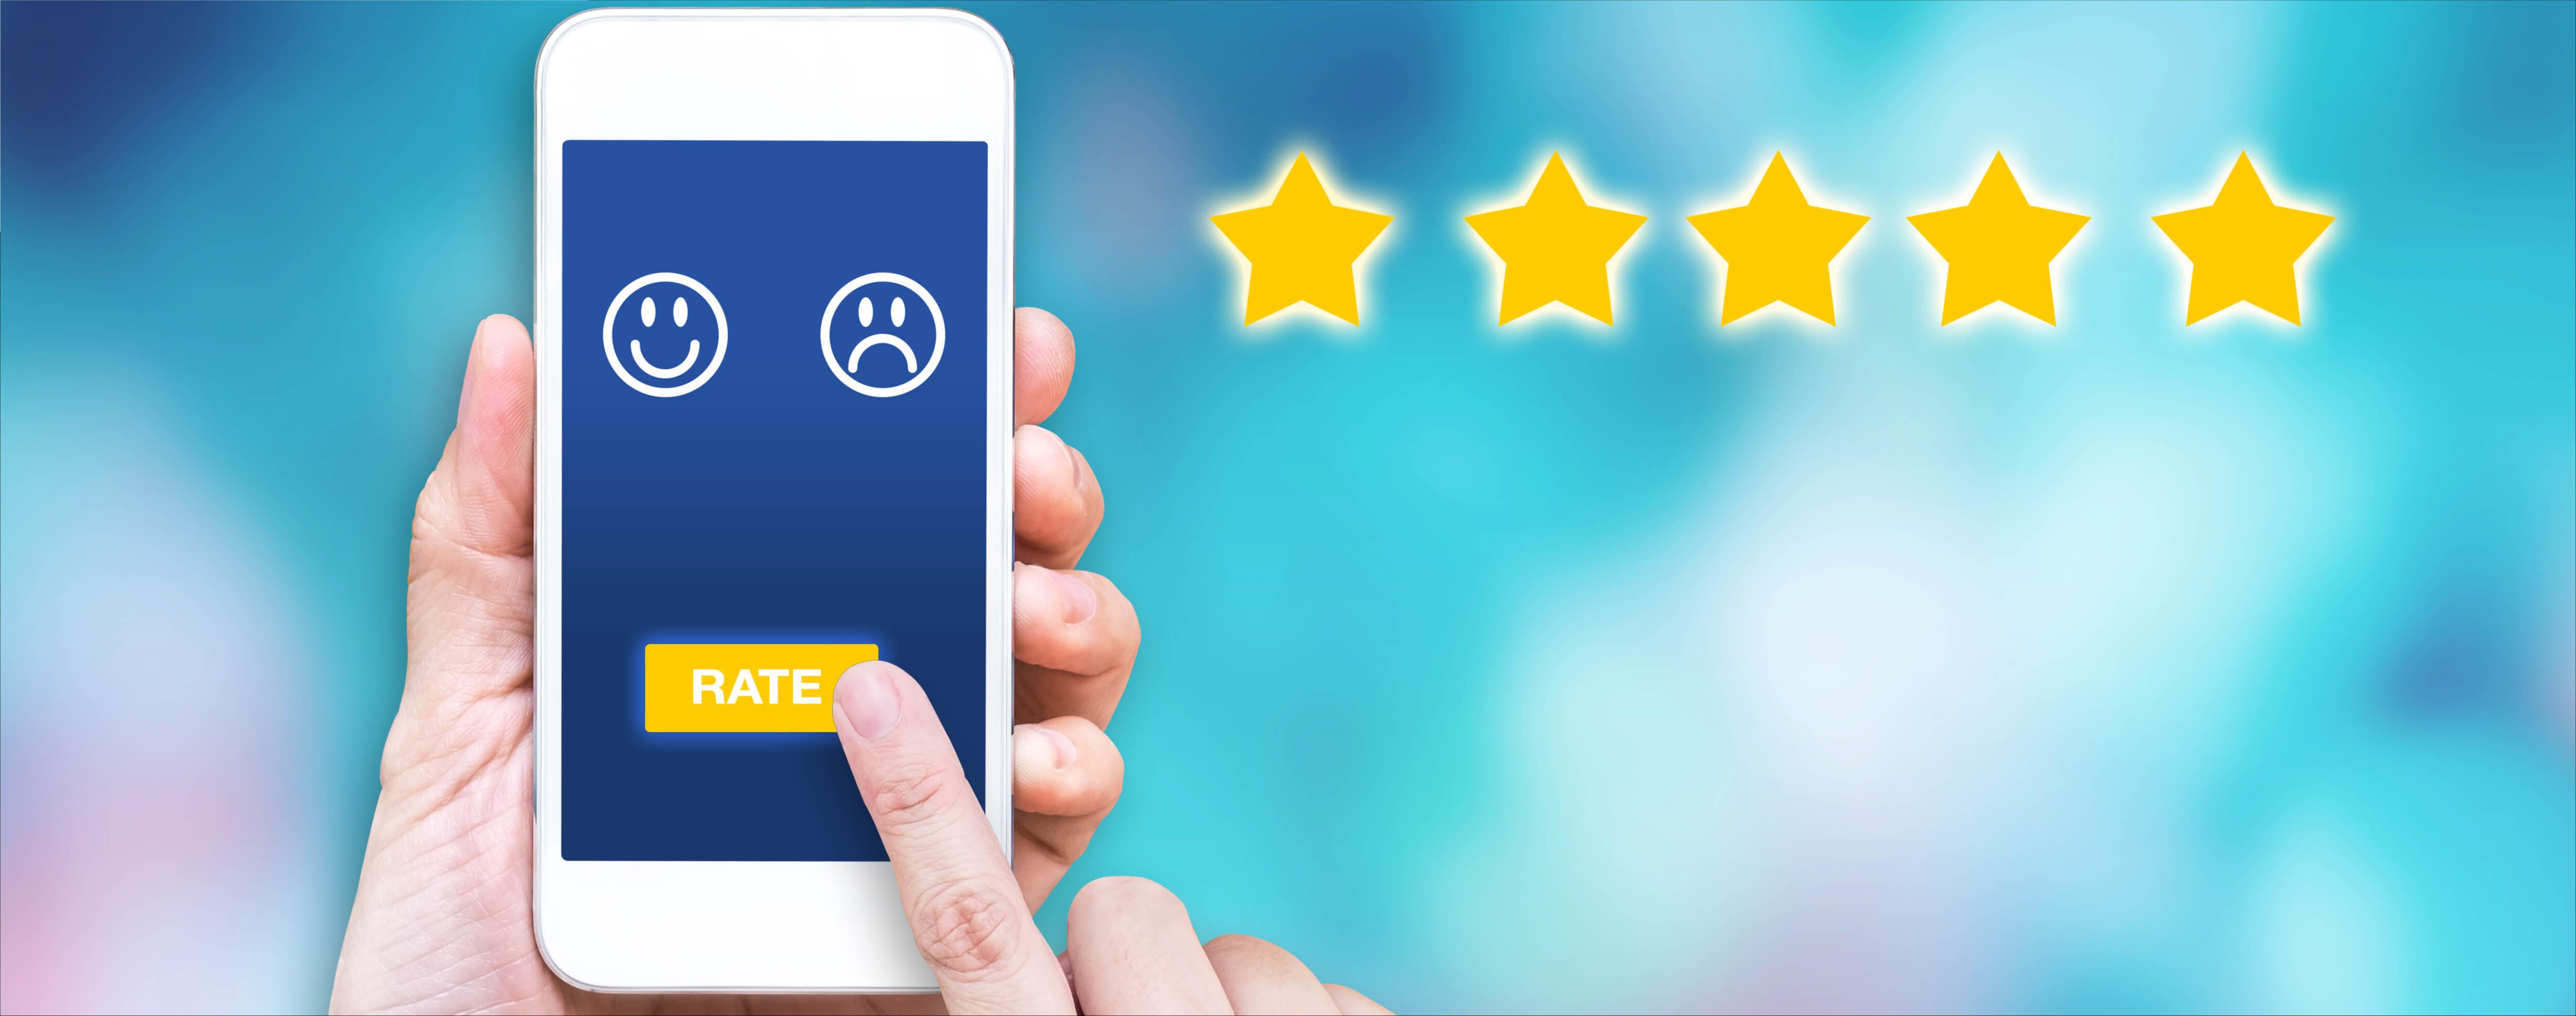 Bewertung auf Handy abgeben